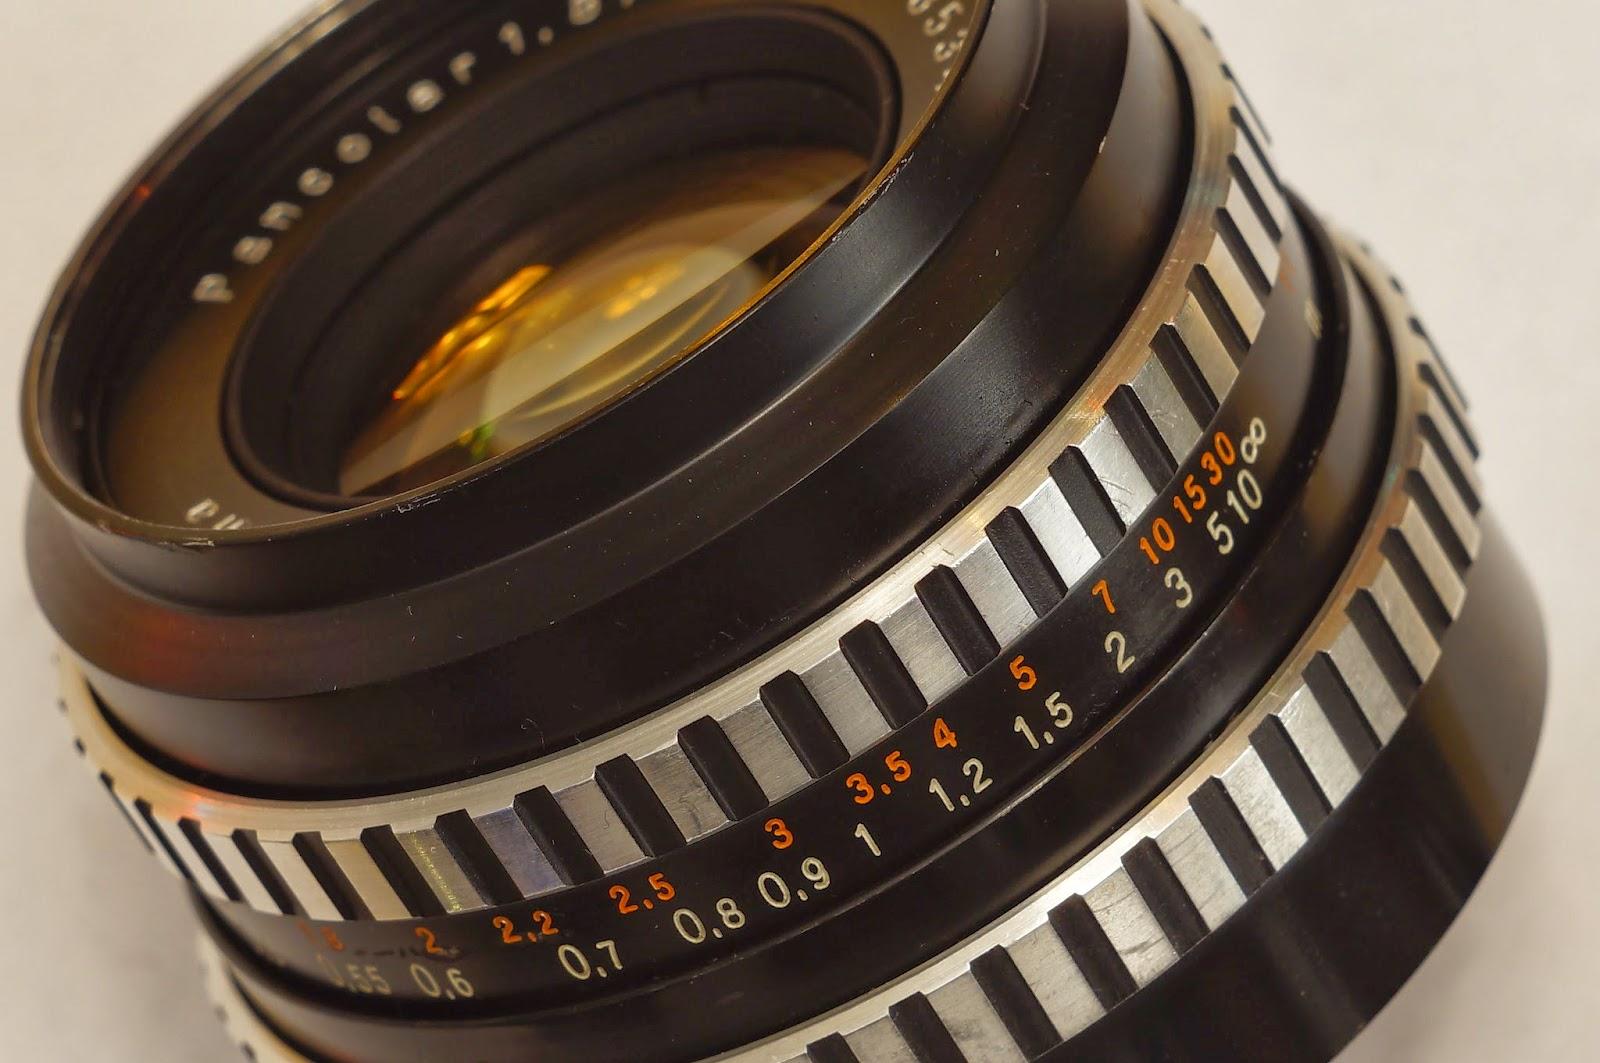 Carl Zeiss Jena Pancolar 50mm f/1.8 Zebra M42